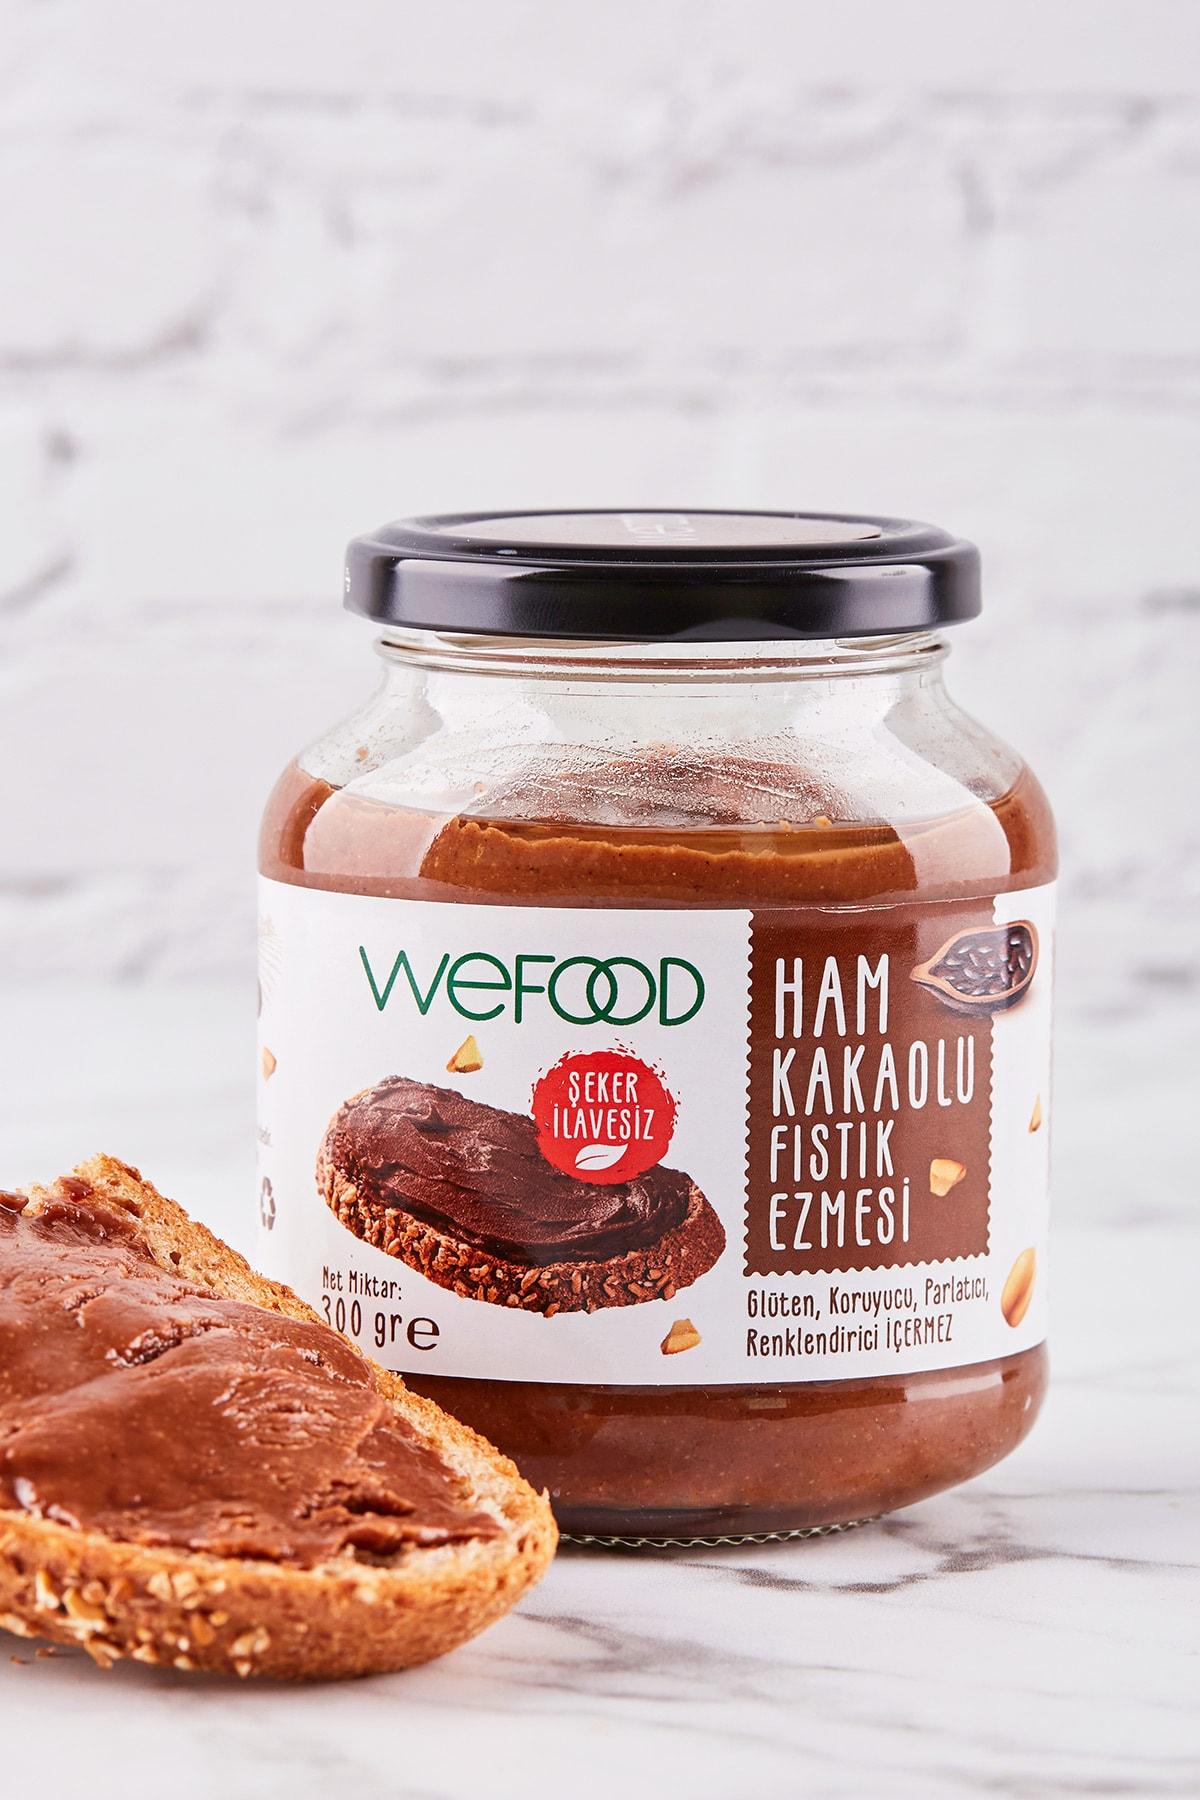 Wefood Ham Kakaolu Fıstık Ezmesi 300 Gr 2